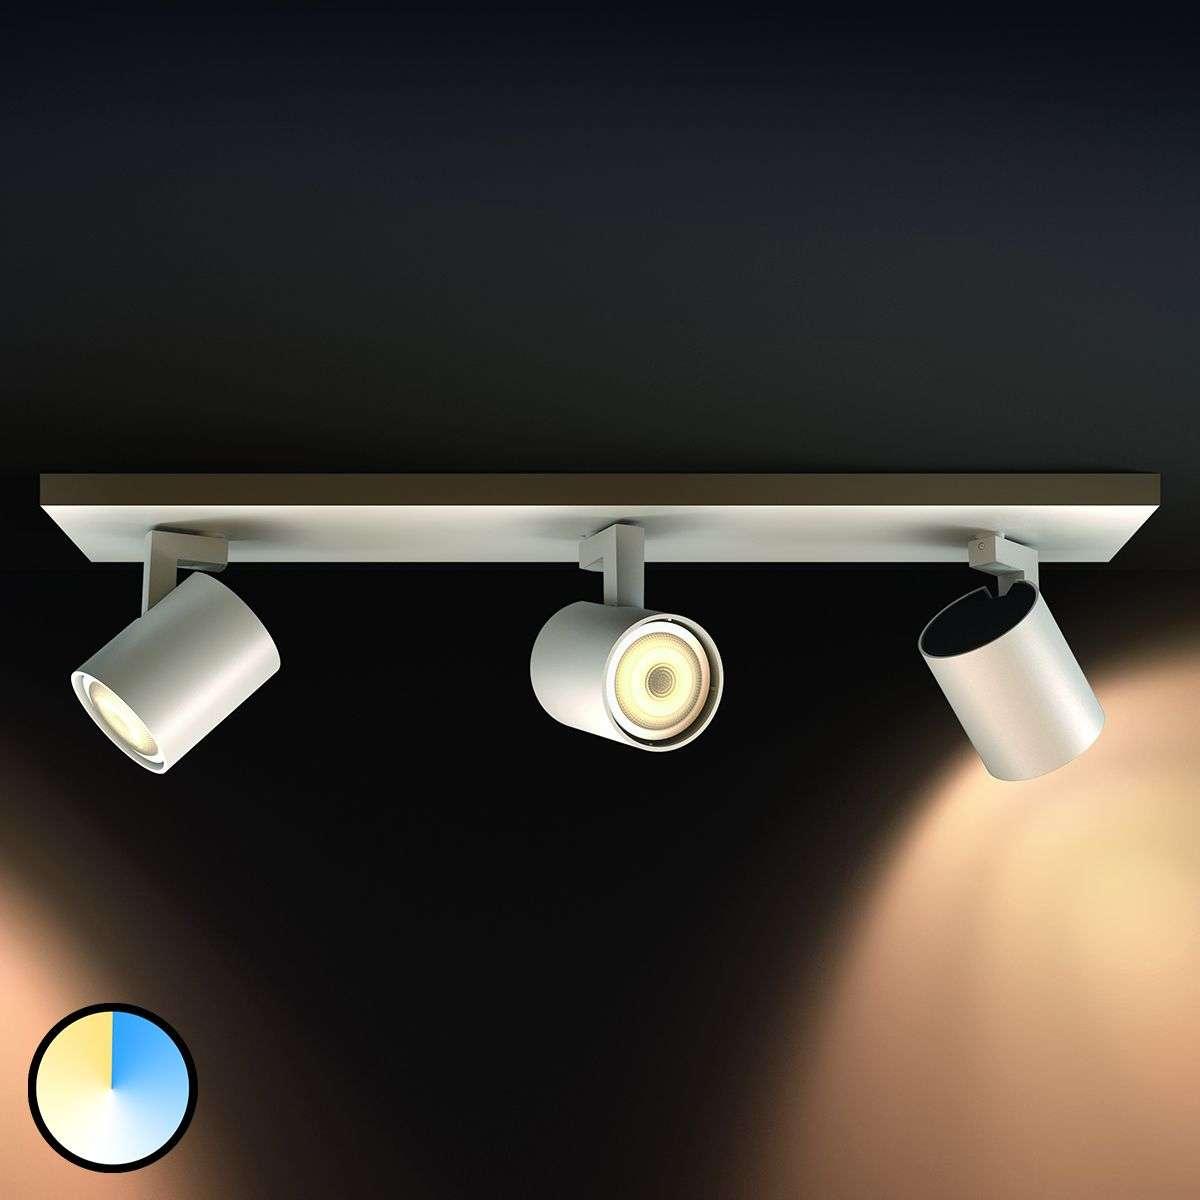 Philips hue led ceiling spotlight runner lights philips hue led ceiling spotlight runner 7531893 31 aloadofball Images